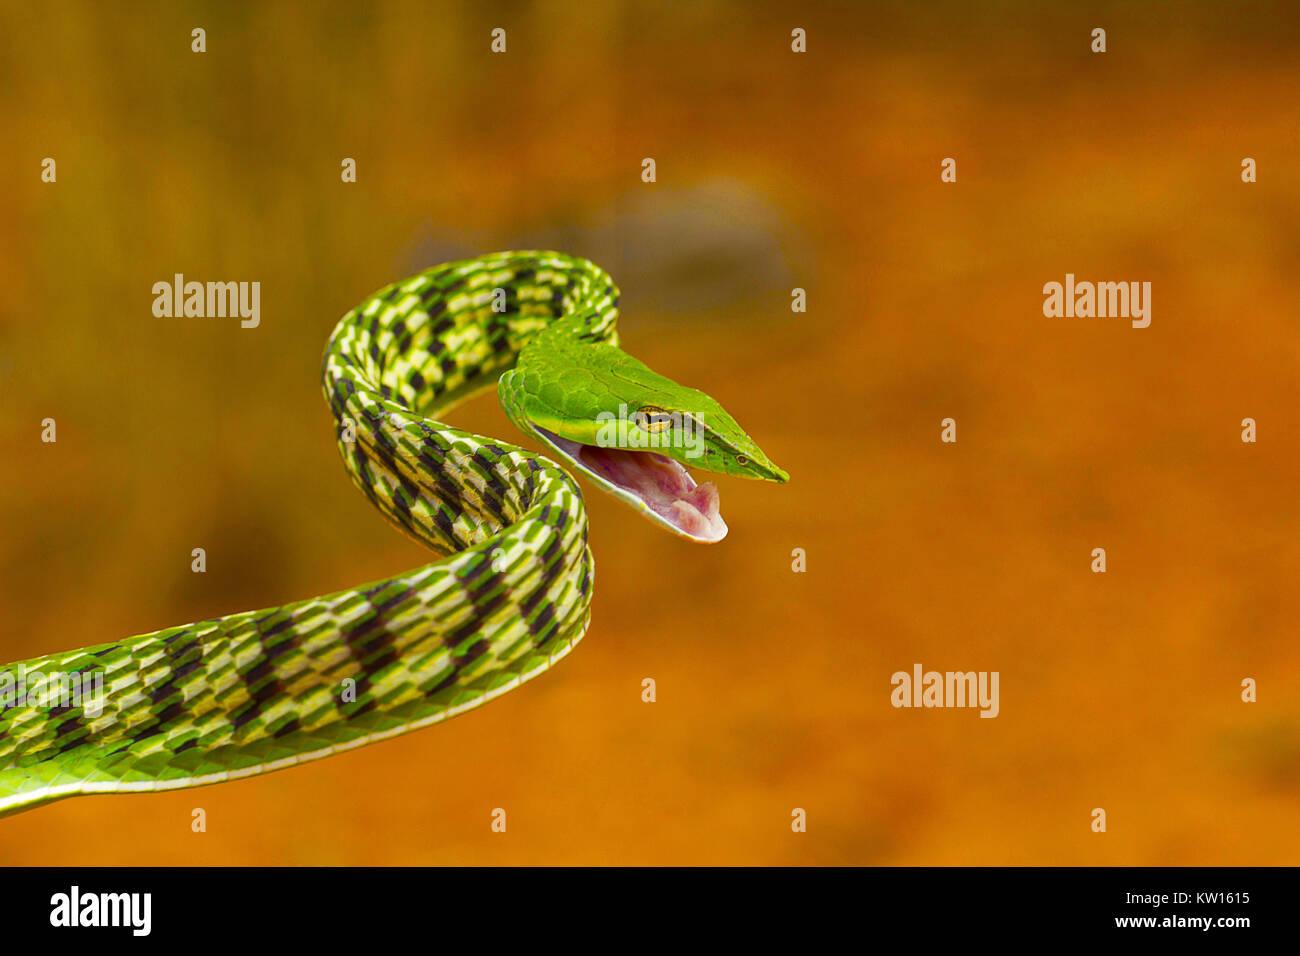 Serpent de vigne verte, Ahaetulla nasuta, légère venimeux. Pondicherry, Tamil Nadu, Inde Banque D'Images